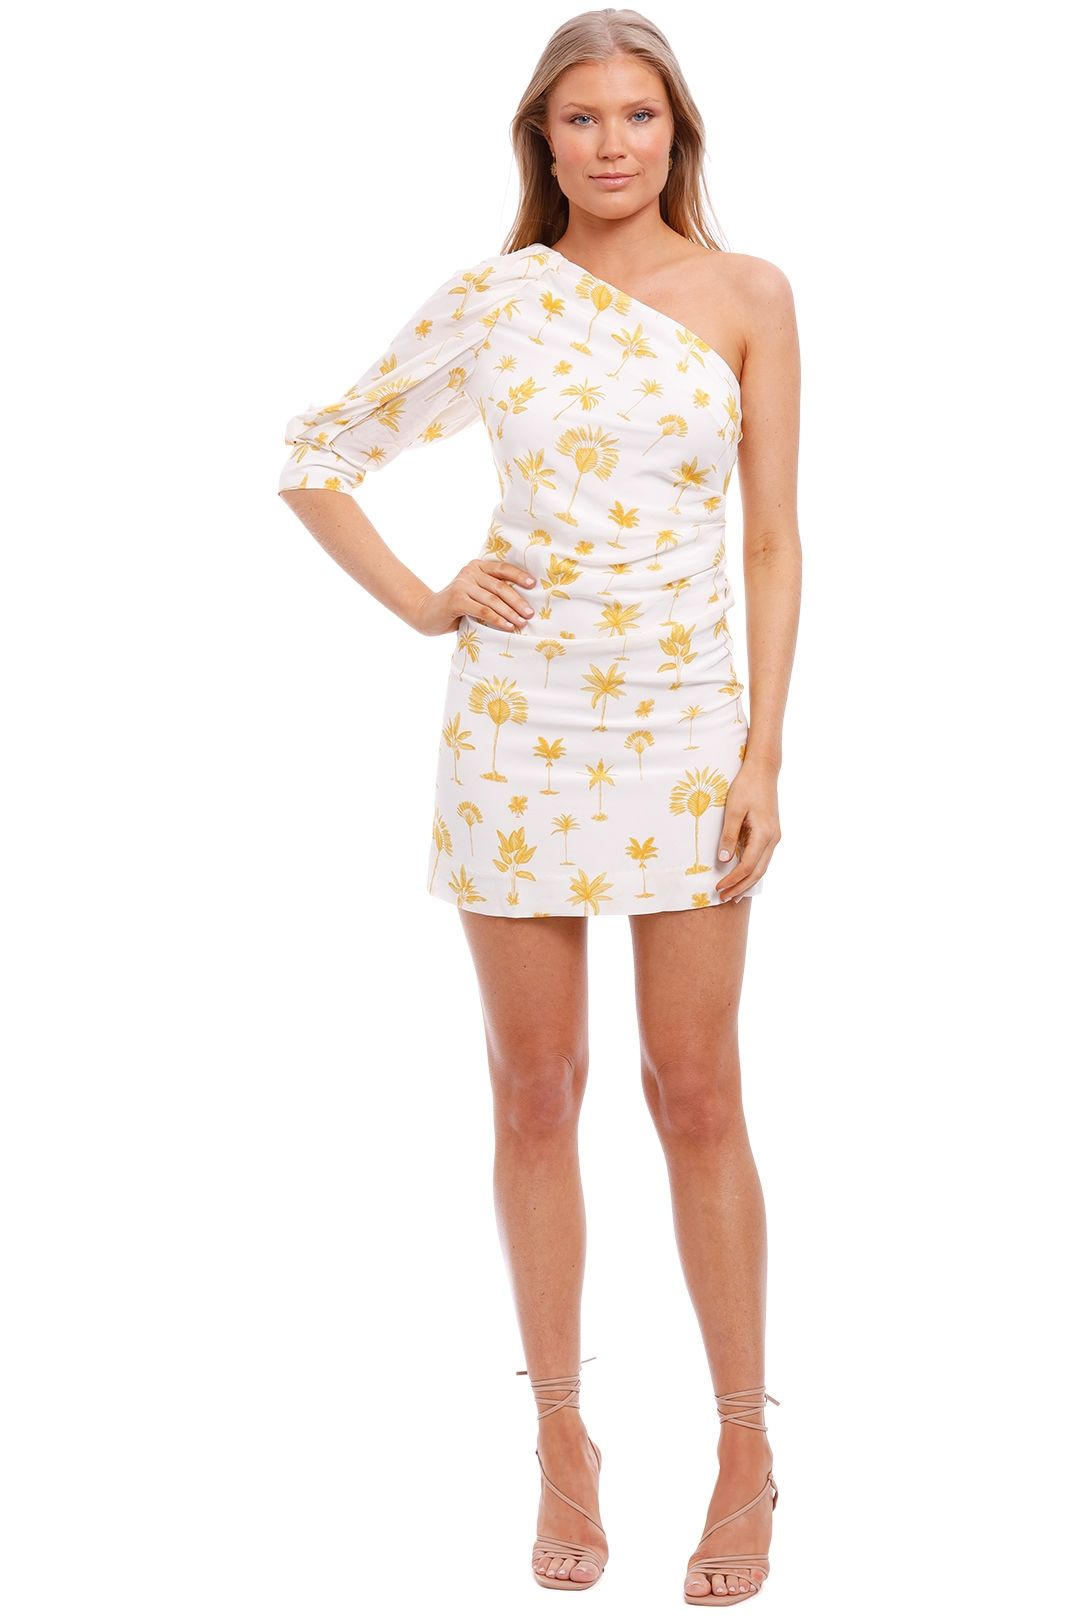 Pasduchas Fiesta Asymmetry Dress Yellow Print